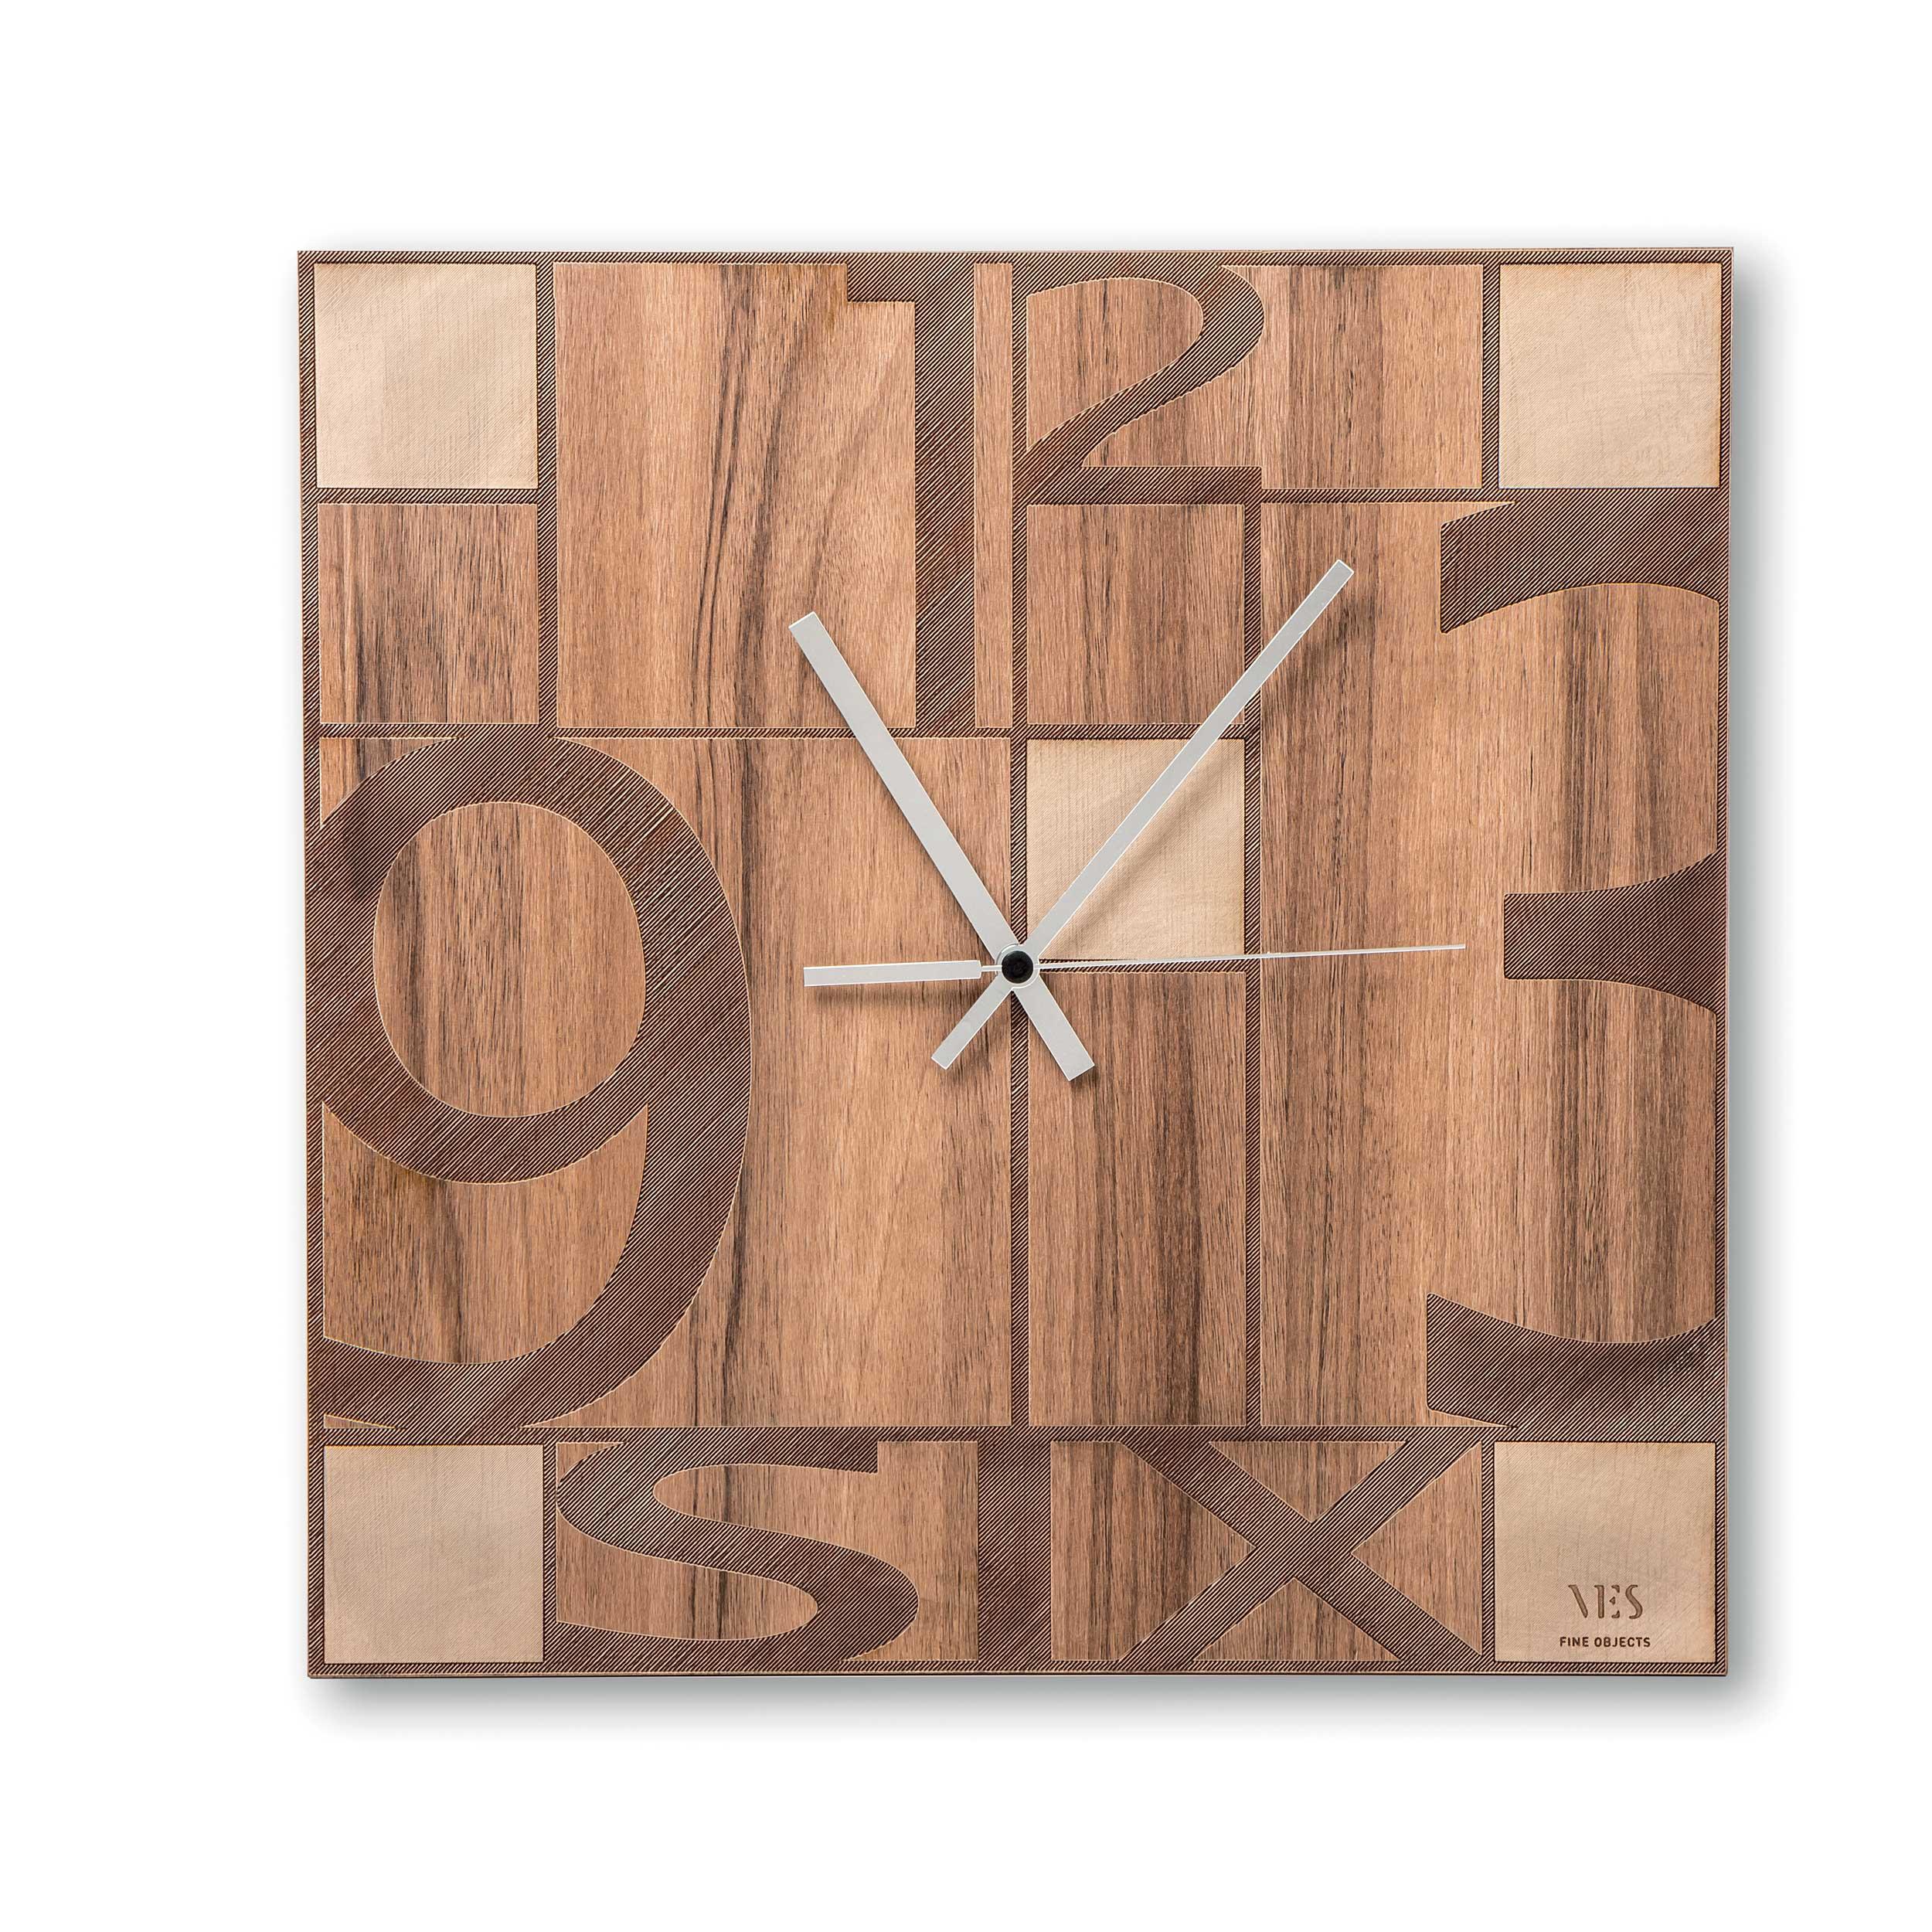 Scegliere il formato giusto per la tua atmosfera. Ves Design Orologio Da Parete In Legno Dal Design Moderno Per Salotto Mondrian